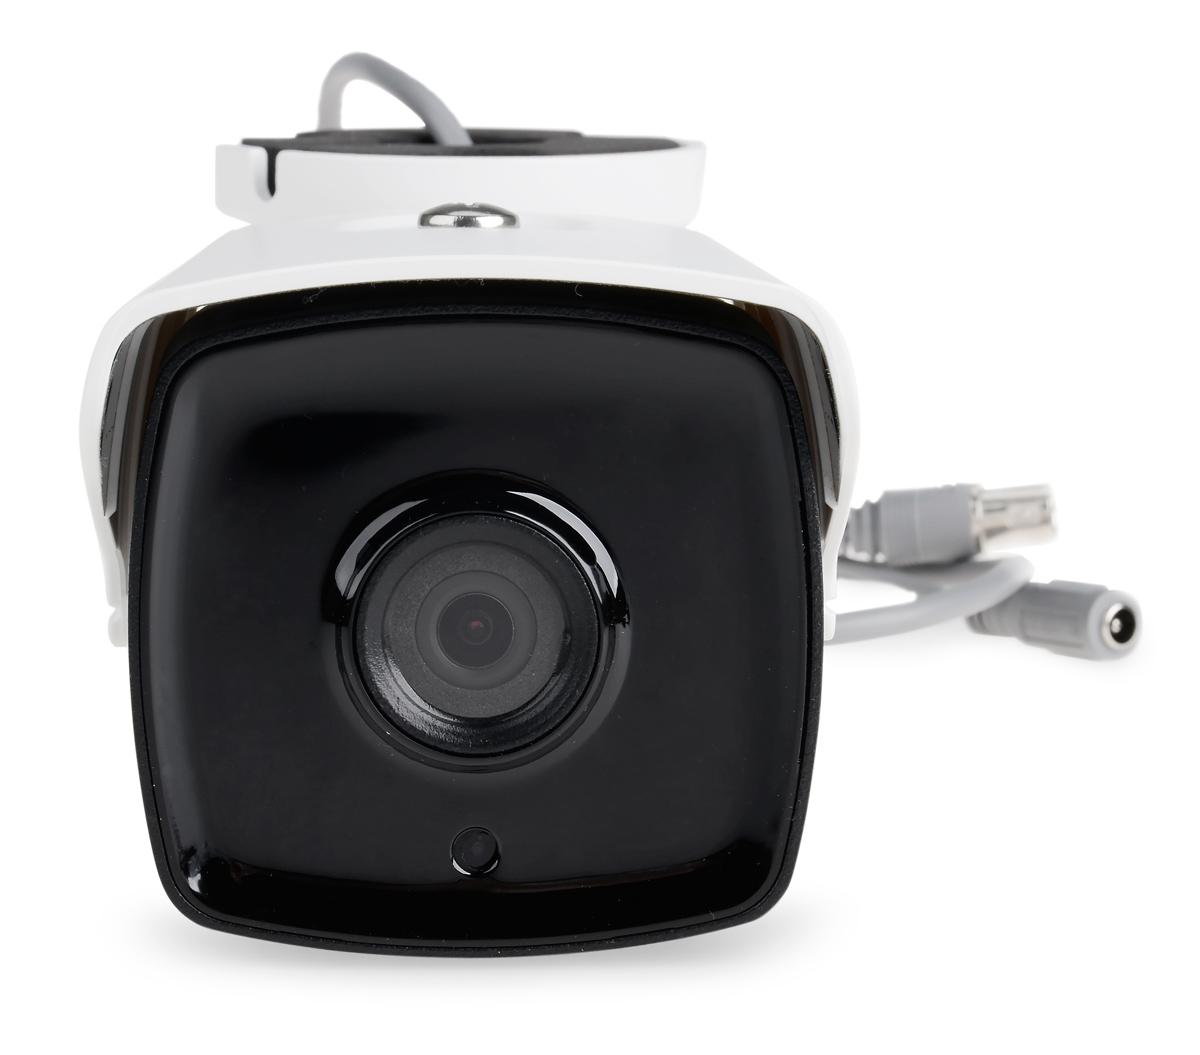 Niewidoczny oświetlacz podczerwieni w kamerze DS-2CE16C0T-IT3(B)